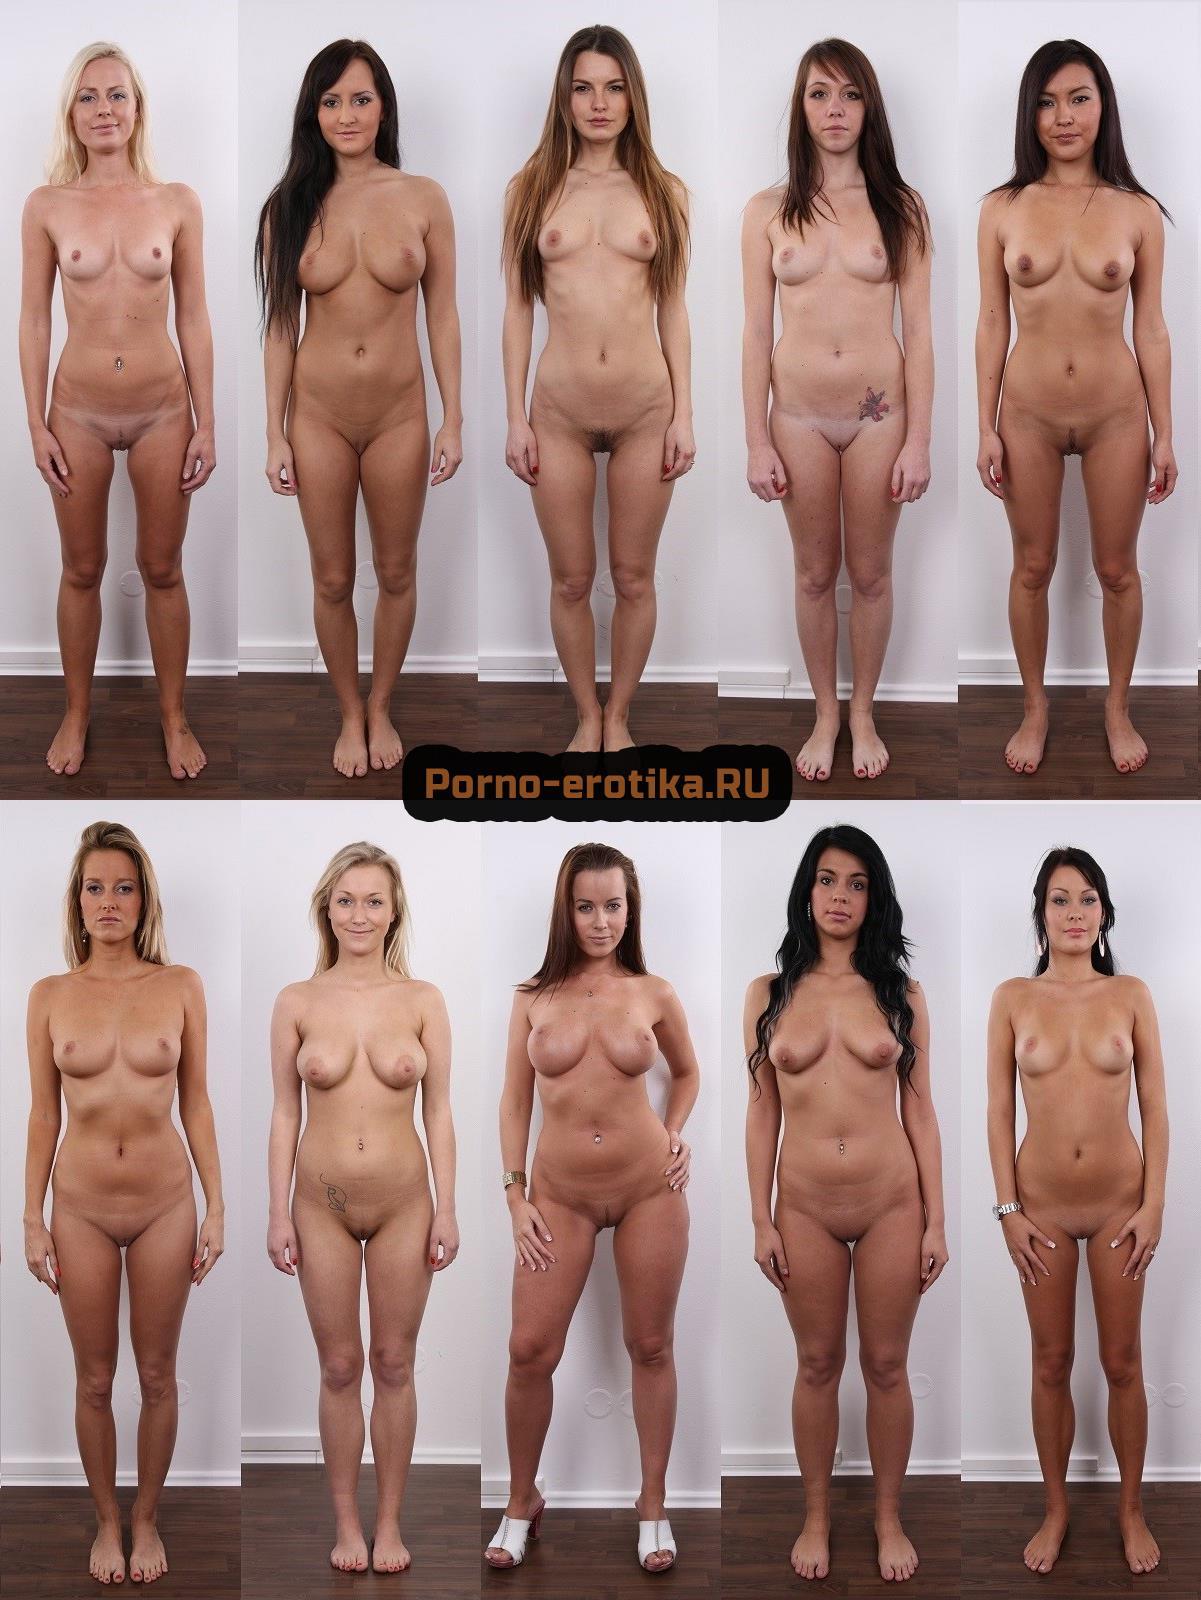 Голые девчонки на кастинге порно купальники